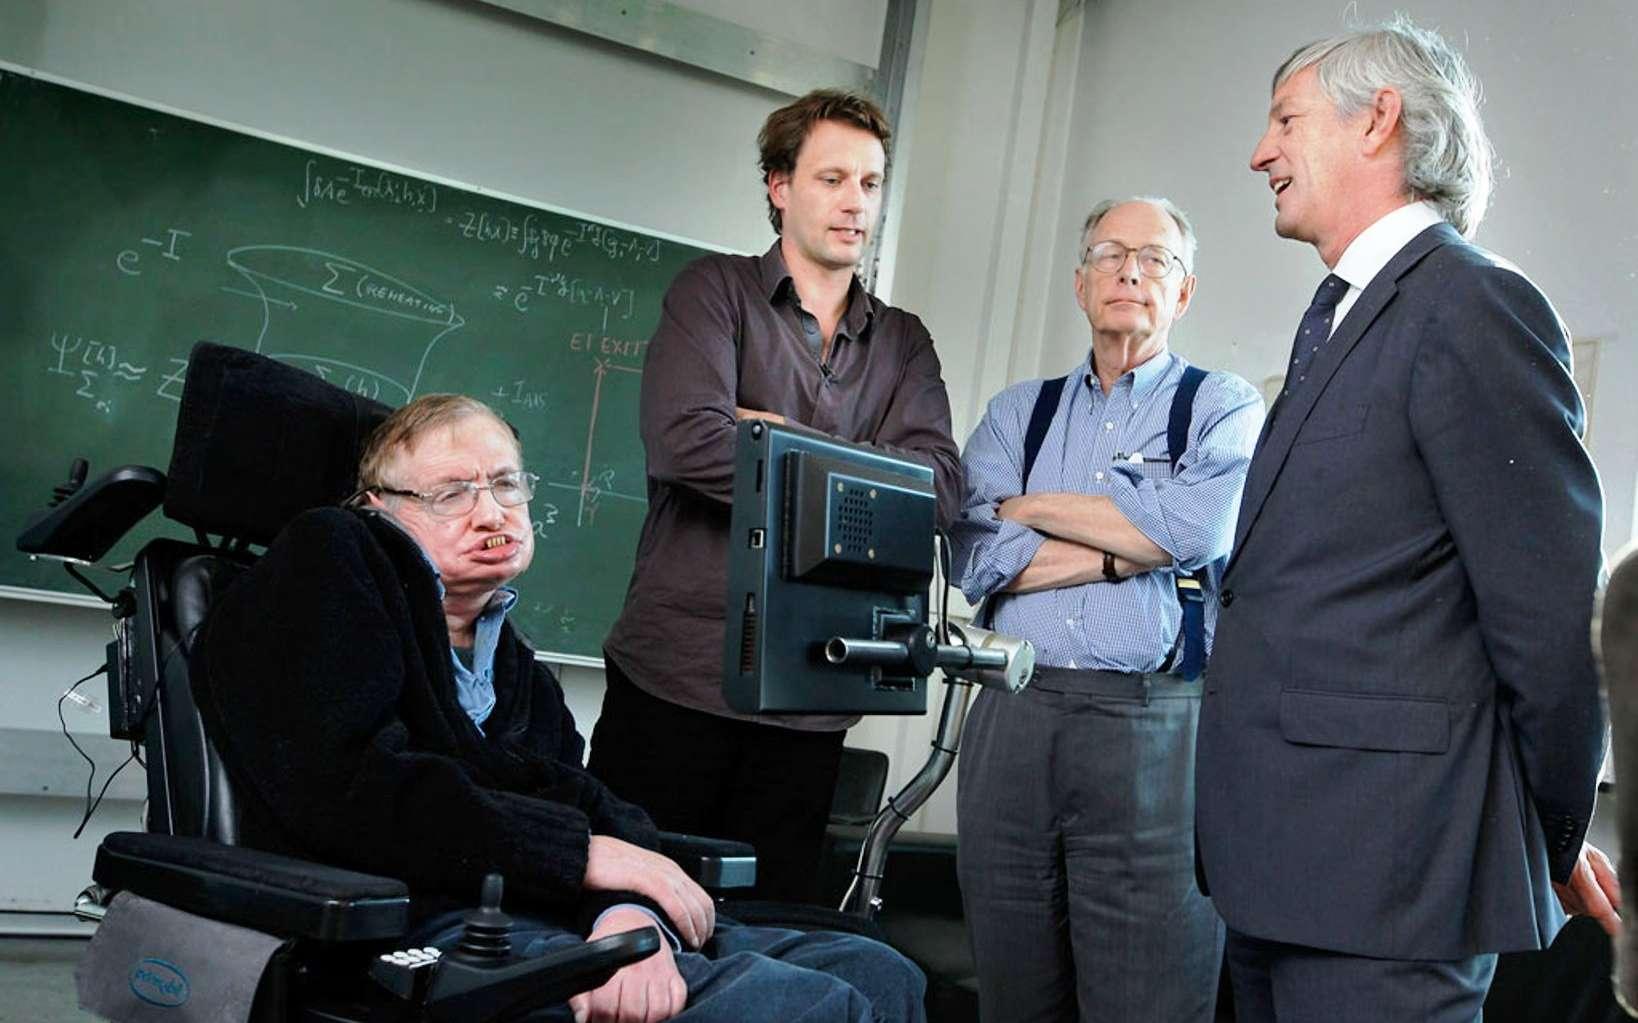 En 1983, James Hartle a développé avec Stephen Hawking une version quantique de la théorie de la relativité d'Einstein en cosmologie. Il s'agit du célèbre modèle sans bord de Hartle-Hawking. De gauche à droite Stephen Hawking, Thomas Hertog et James Hartle. © K.U.Leuven, Rob Stevens